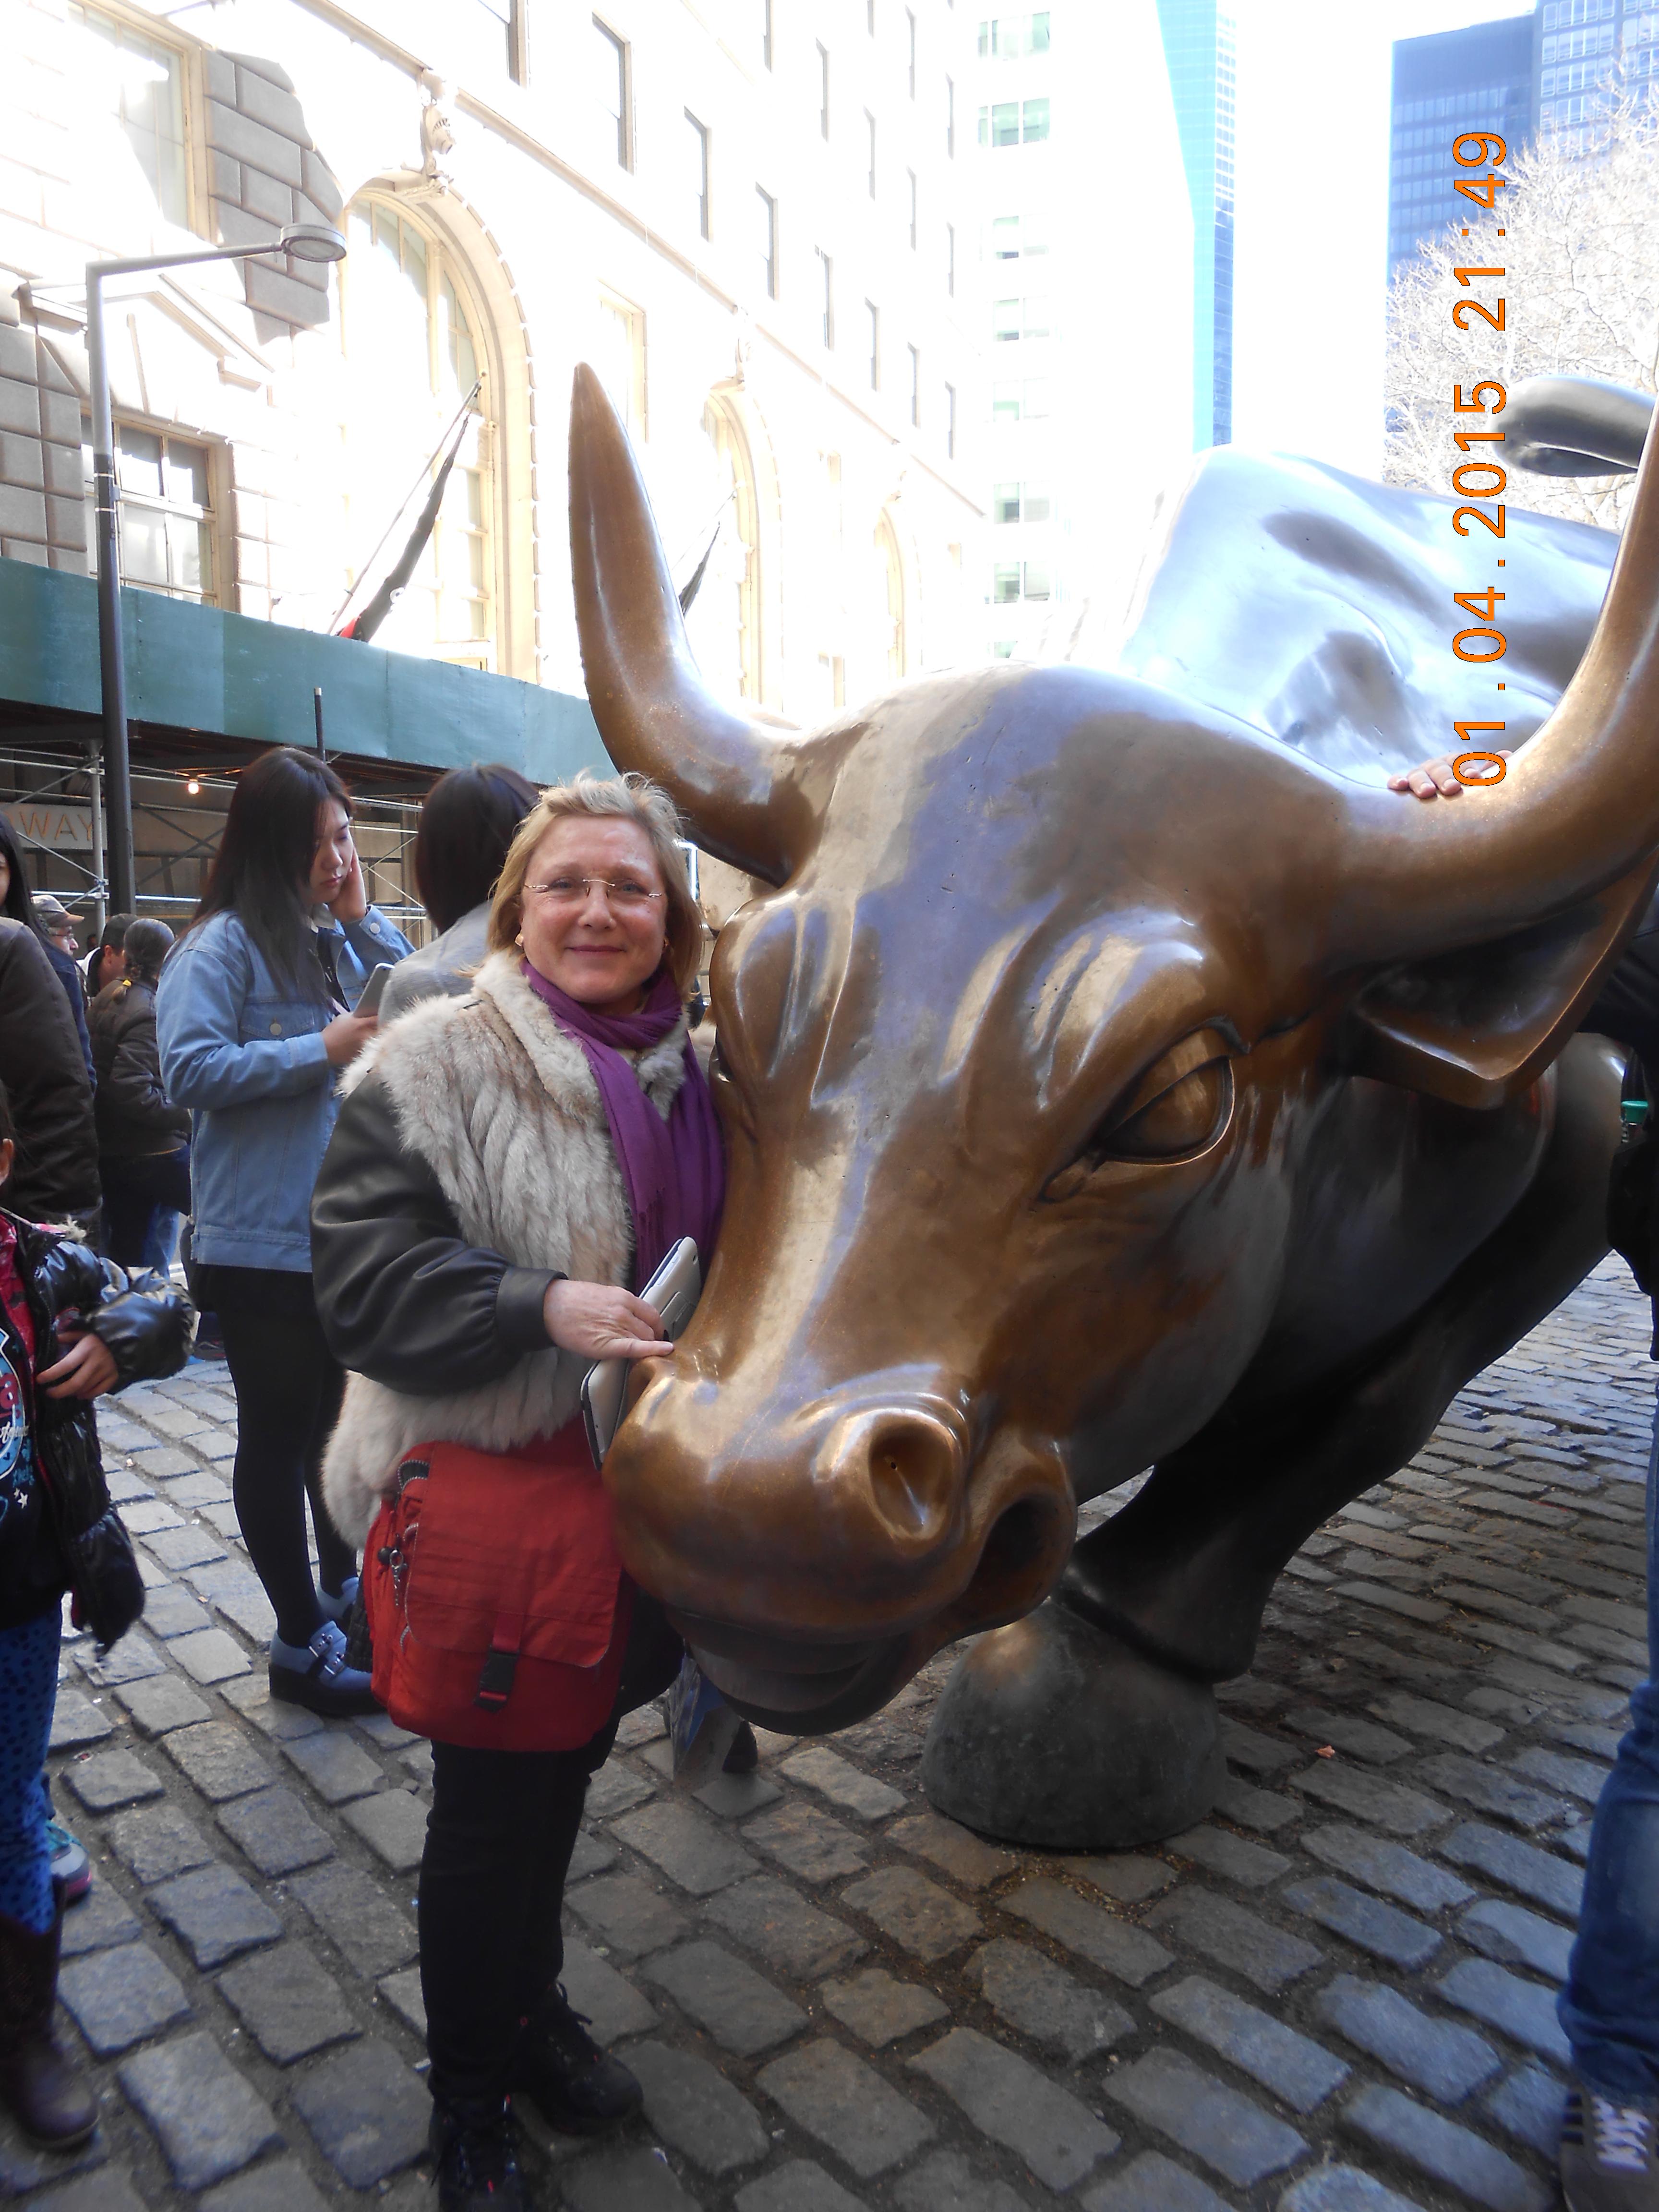 Pam junto a toro de wall street